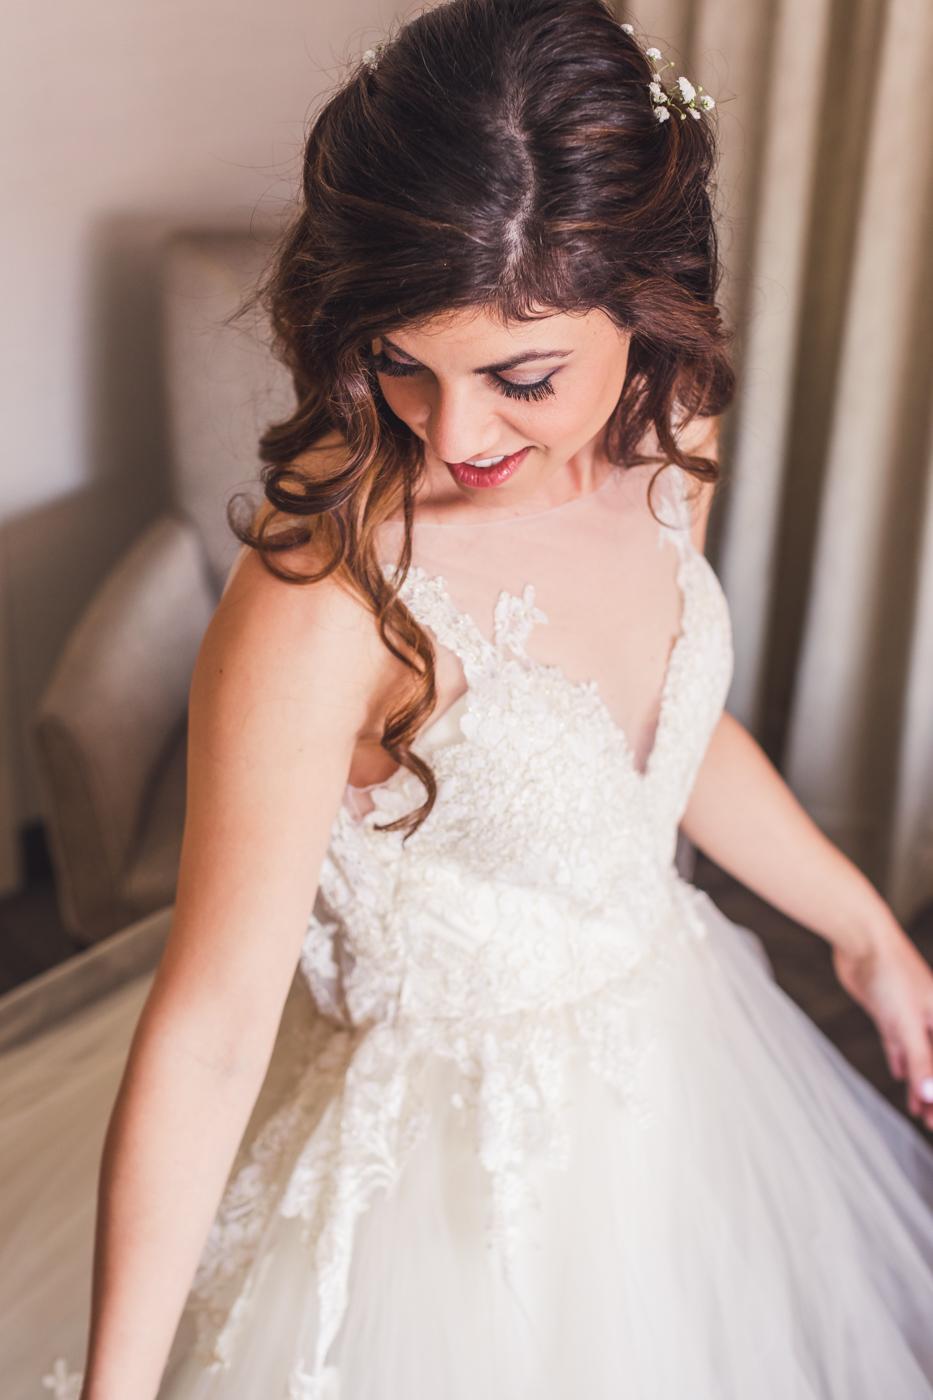 alex-in-her-wedding-dress